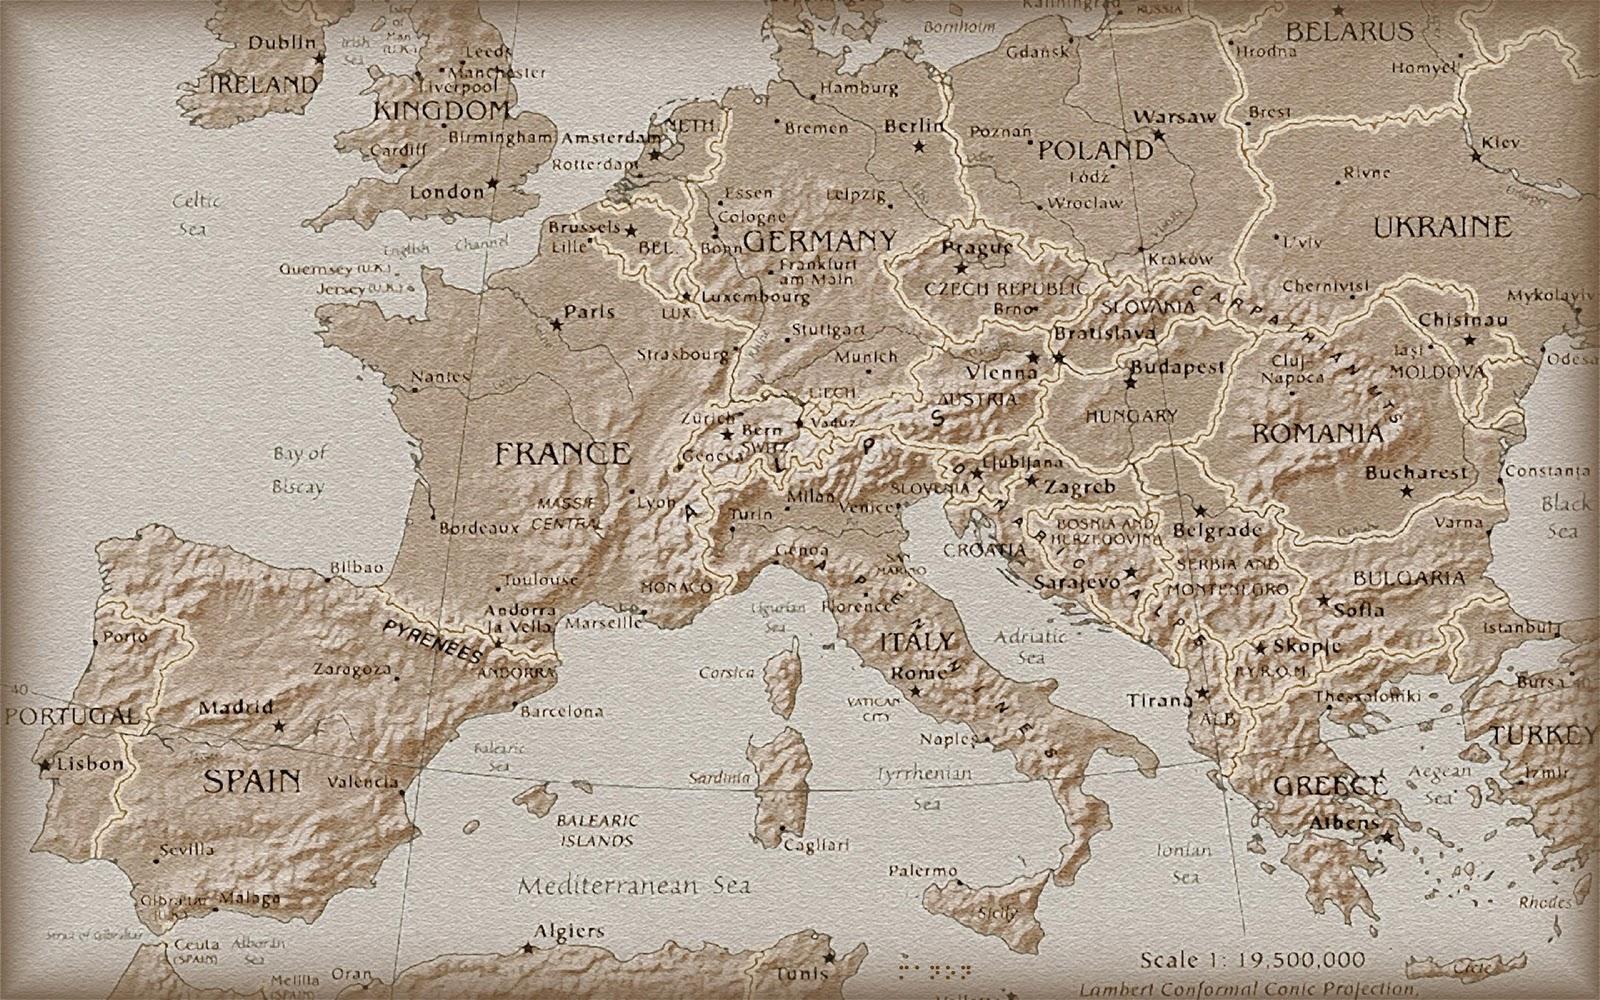 http://3.bp.blogspot.com/-Ir8YZ20WMc8/TyAzsXdNVnI/AAAAAAAAHs4/7DRhBXLQfGM/s1600/Europe+map_hd_wallpapers_wall_2012_httpmapwallpapers.blogspot.com.jpg